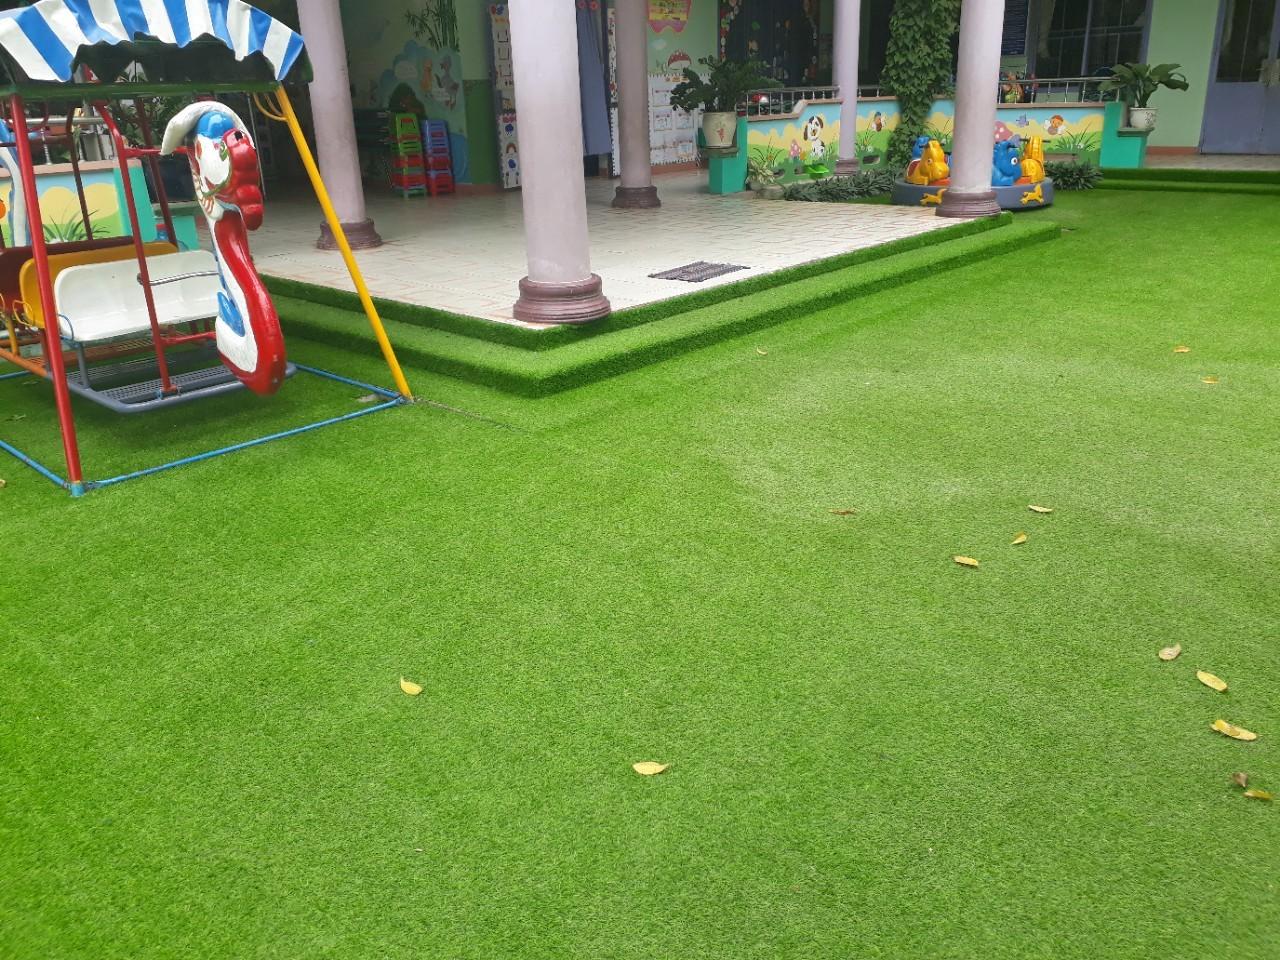 Trang trí cỏ nhân tạo cho trường mầm non tại Đồng Nai